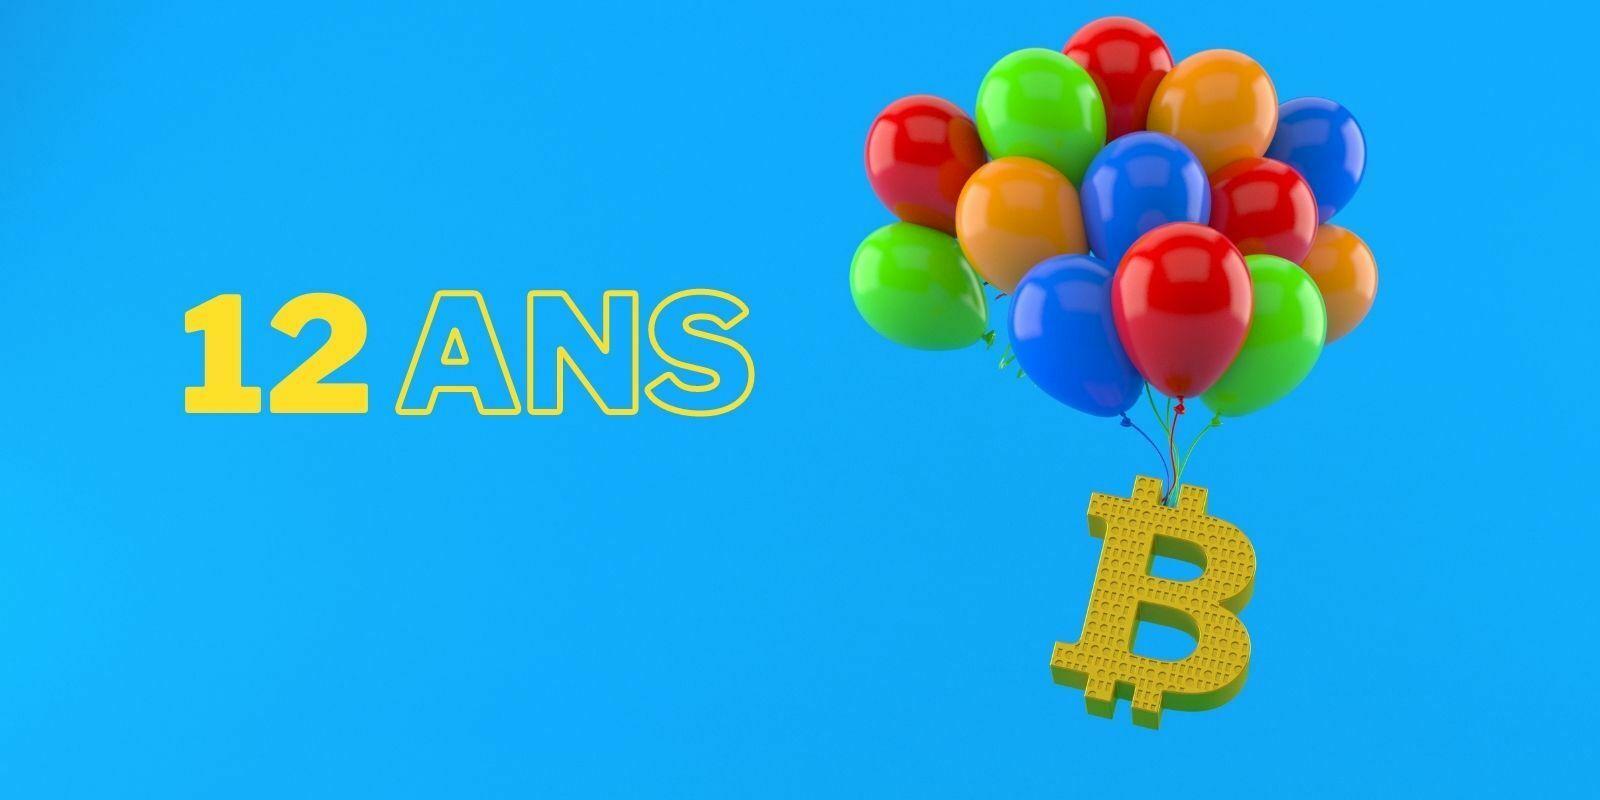 Le bloc de genèse de Bitcoin (BTC) fête ses 12 ans